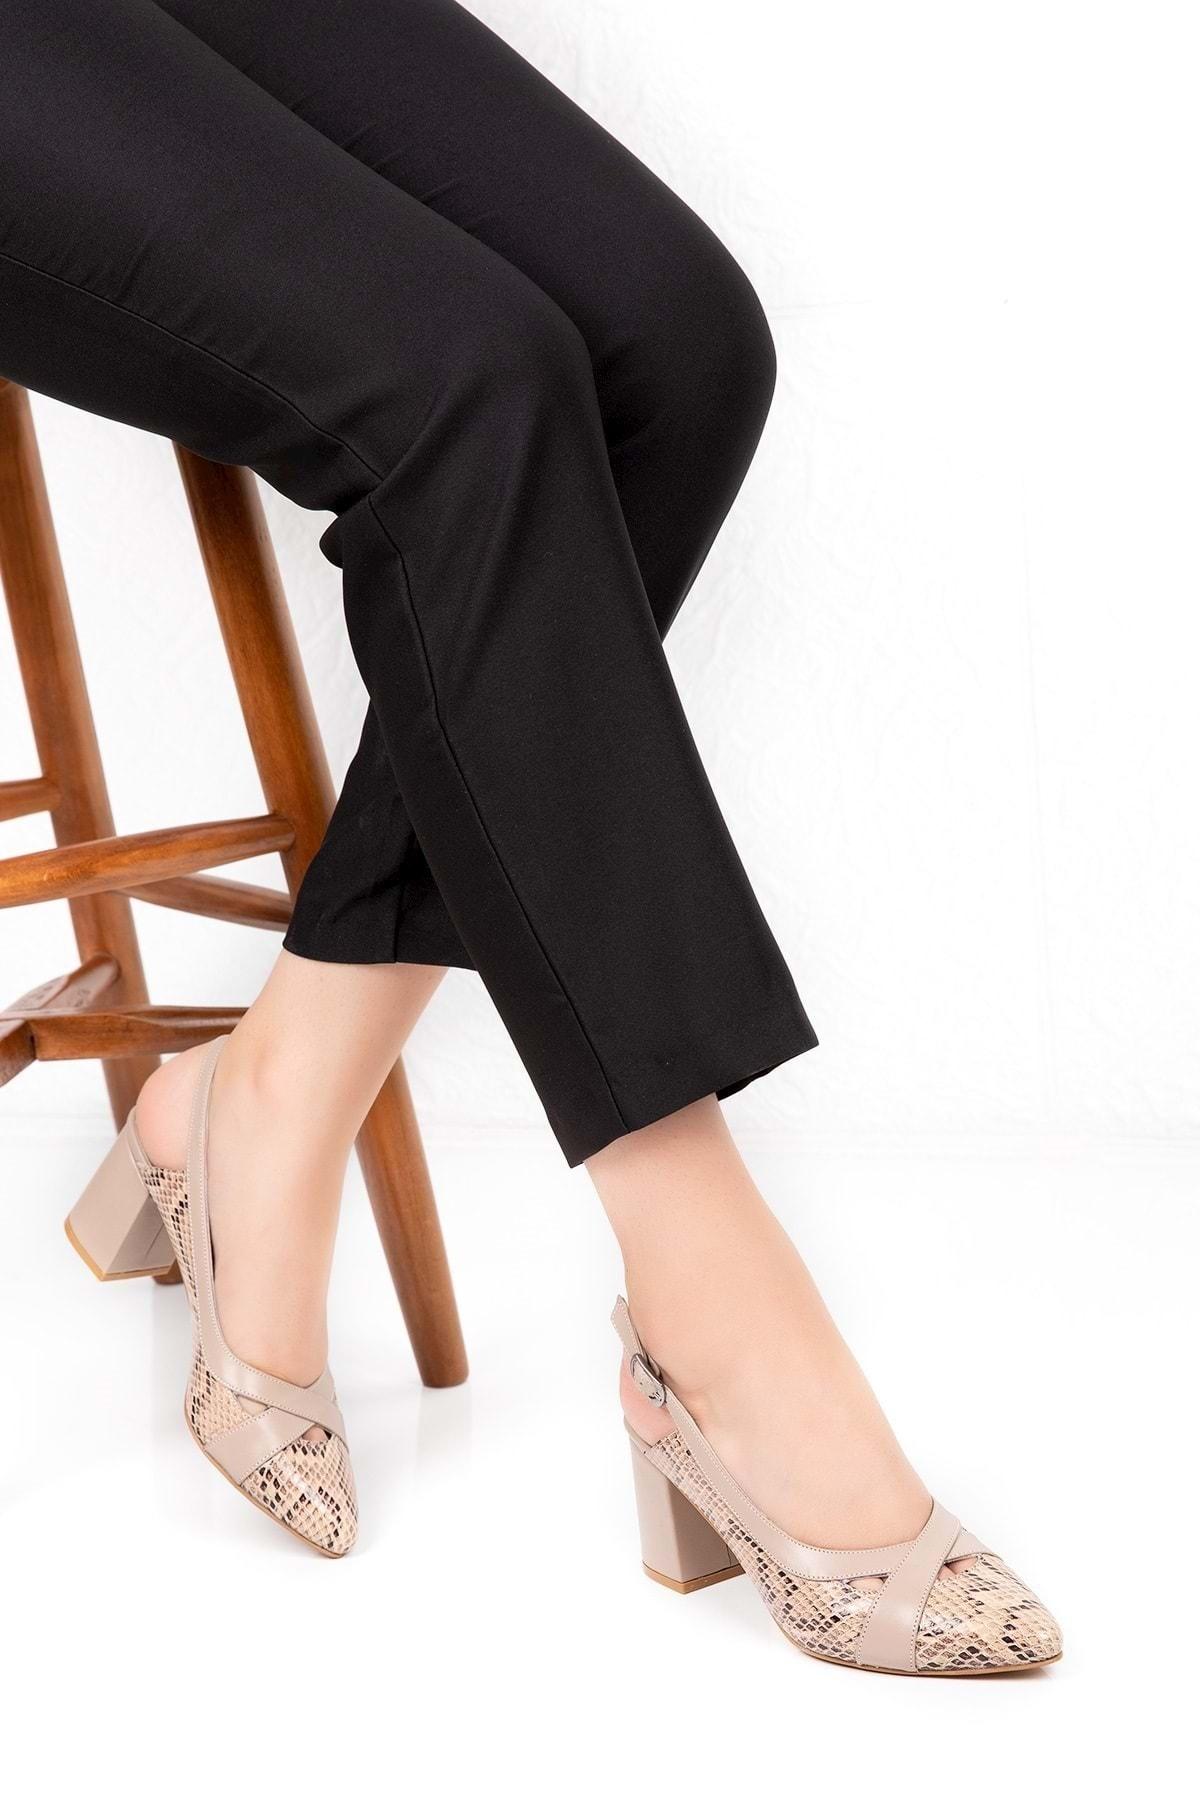 Gondol Hakiki Deri Yılan Desen Ayrıntılı Topuklu Ayakkabı Şhn.0738 - Vizon - 36 2